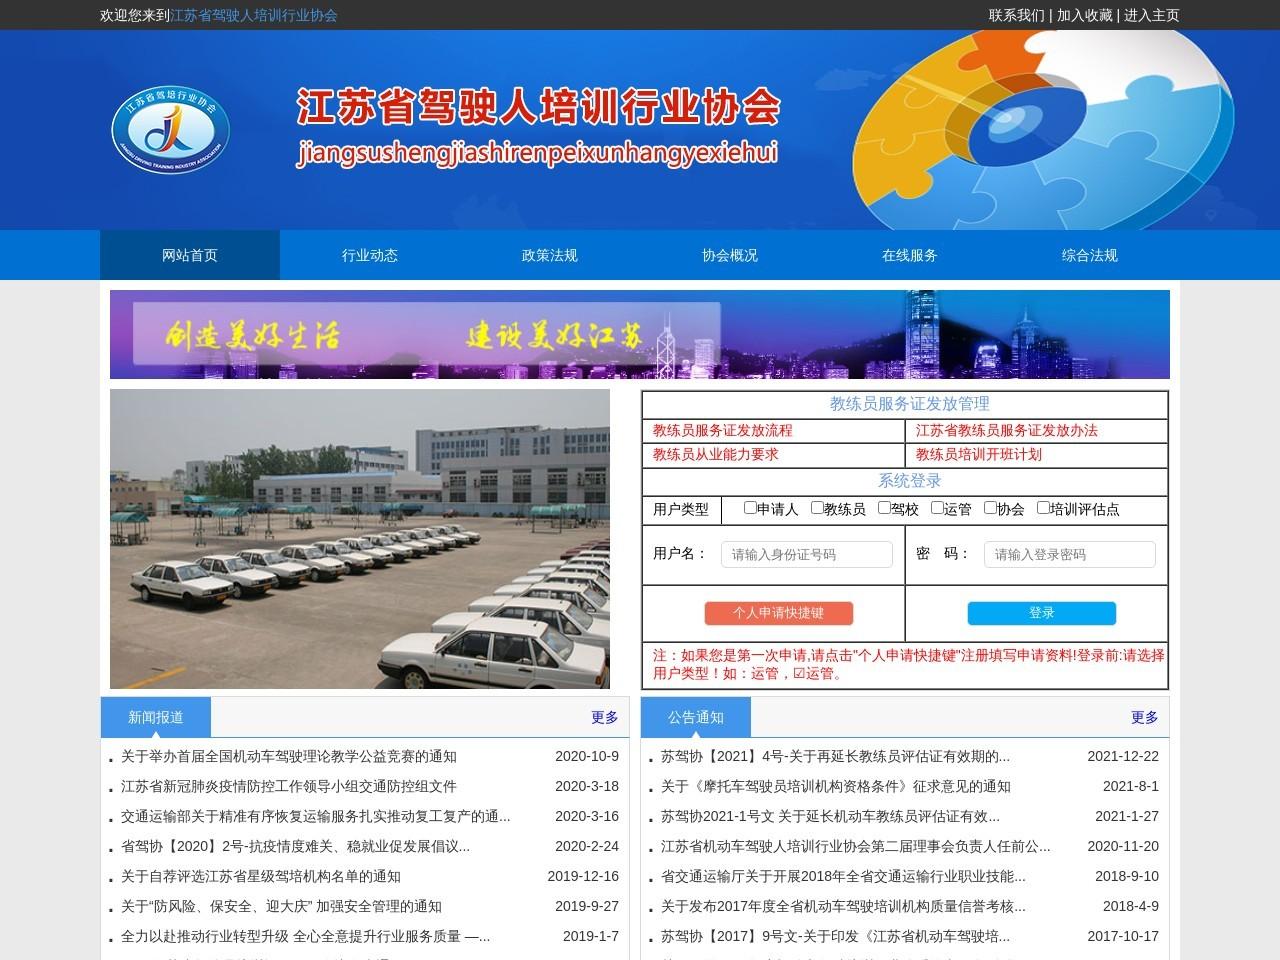 江苏省驾驶人培训行业协会截图